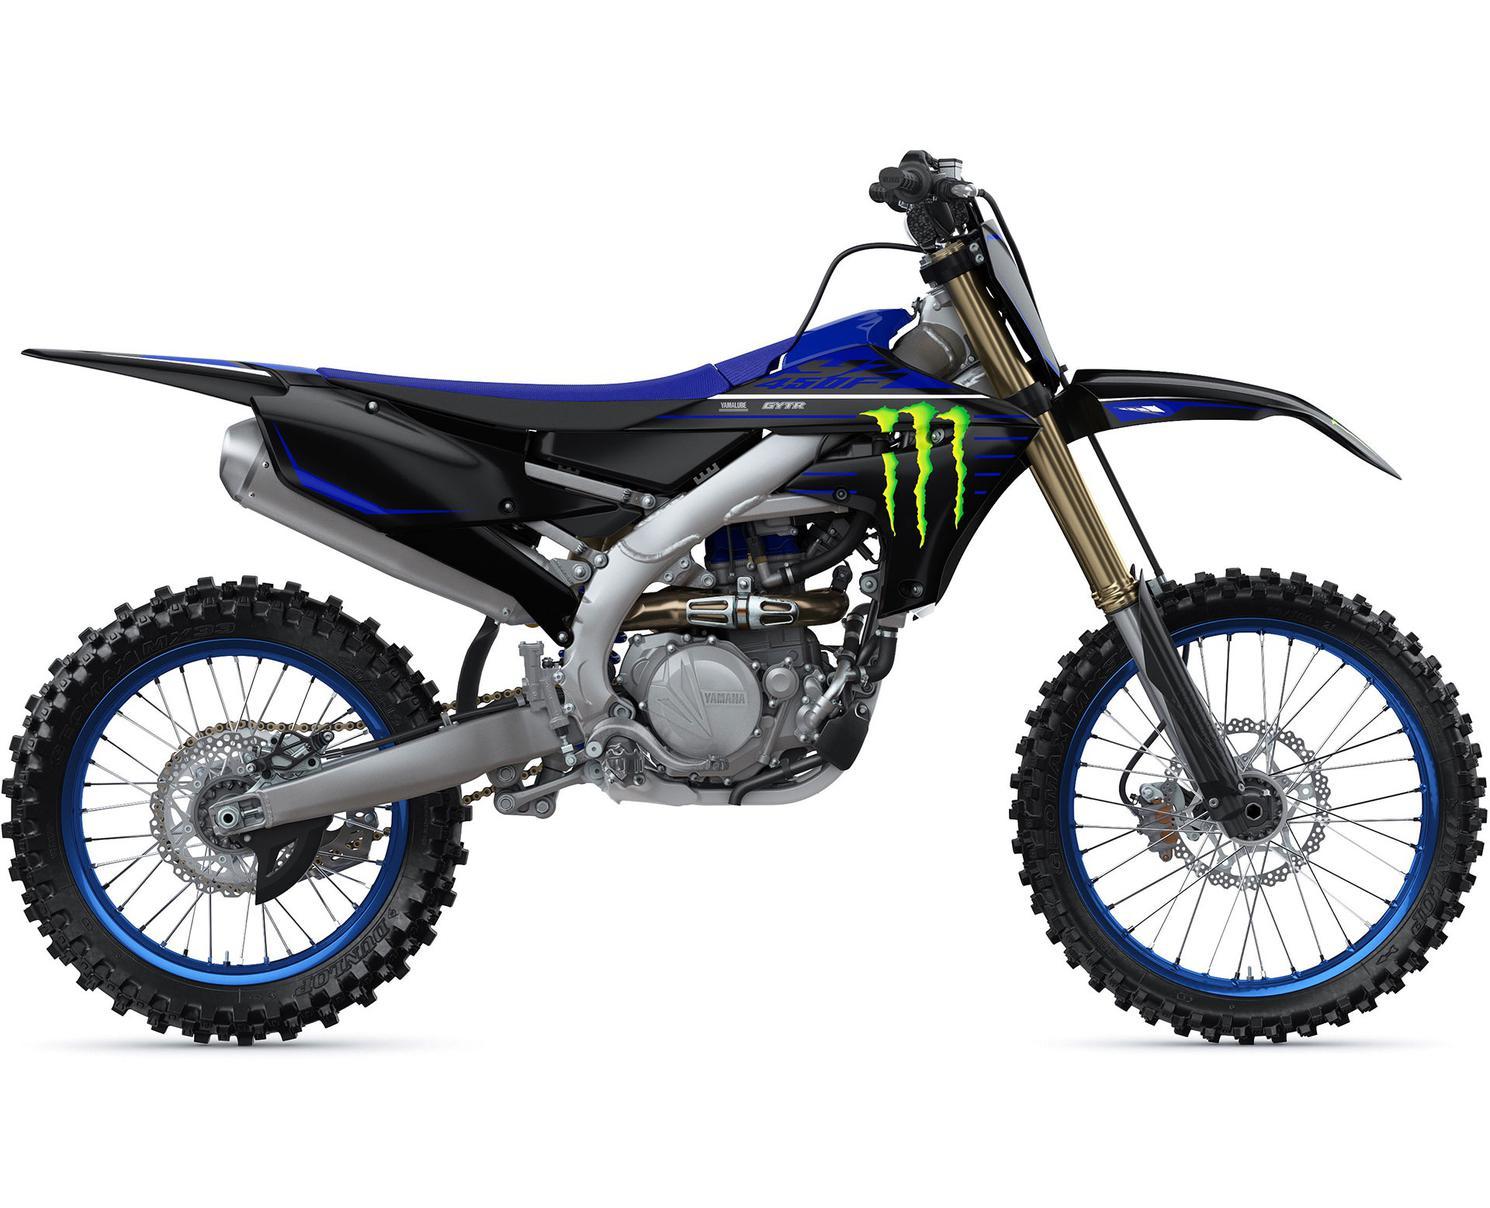 2021 Yamaha YZ450F Monster Energy Yamaha Racing Edition